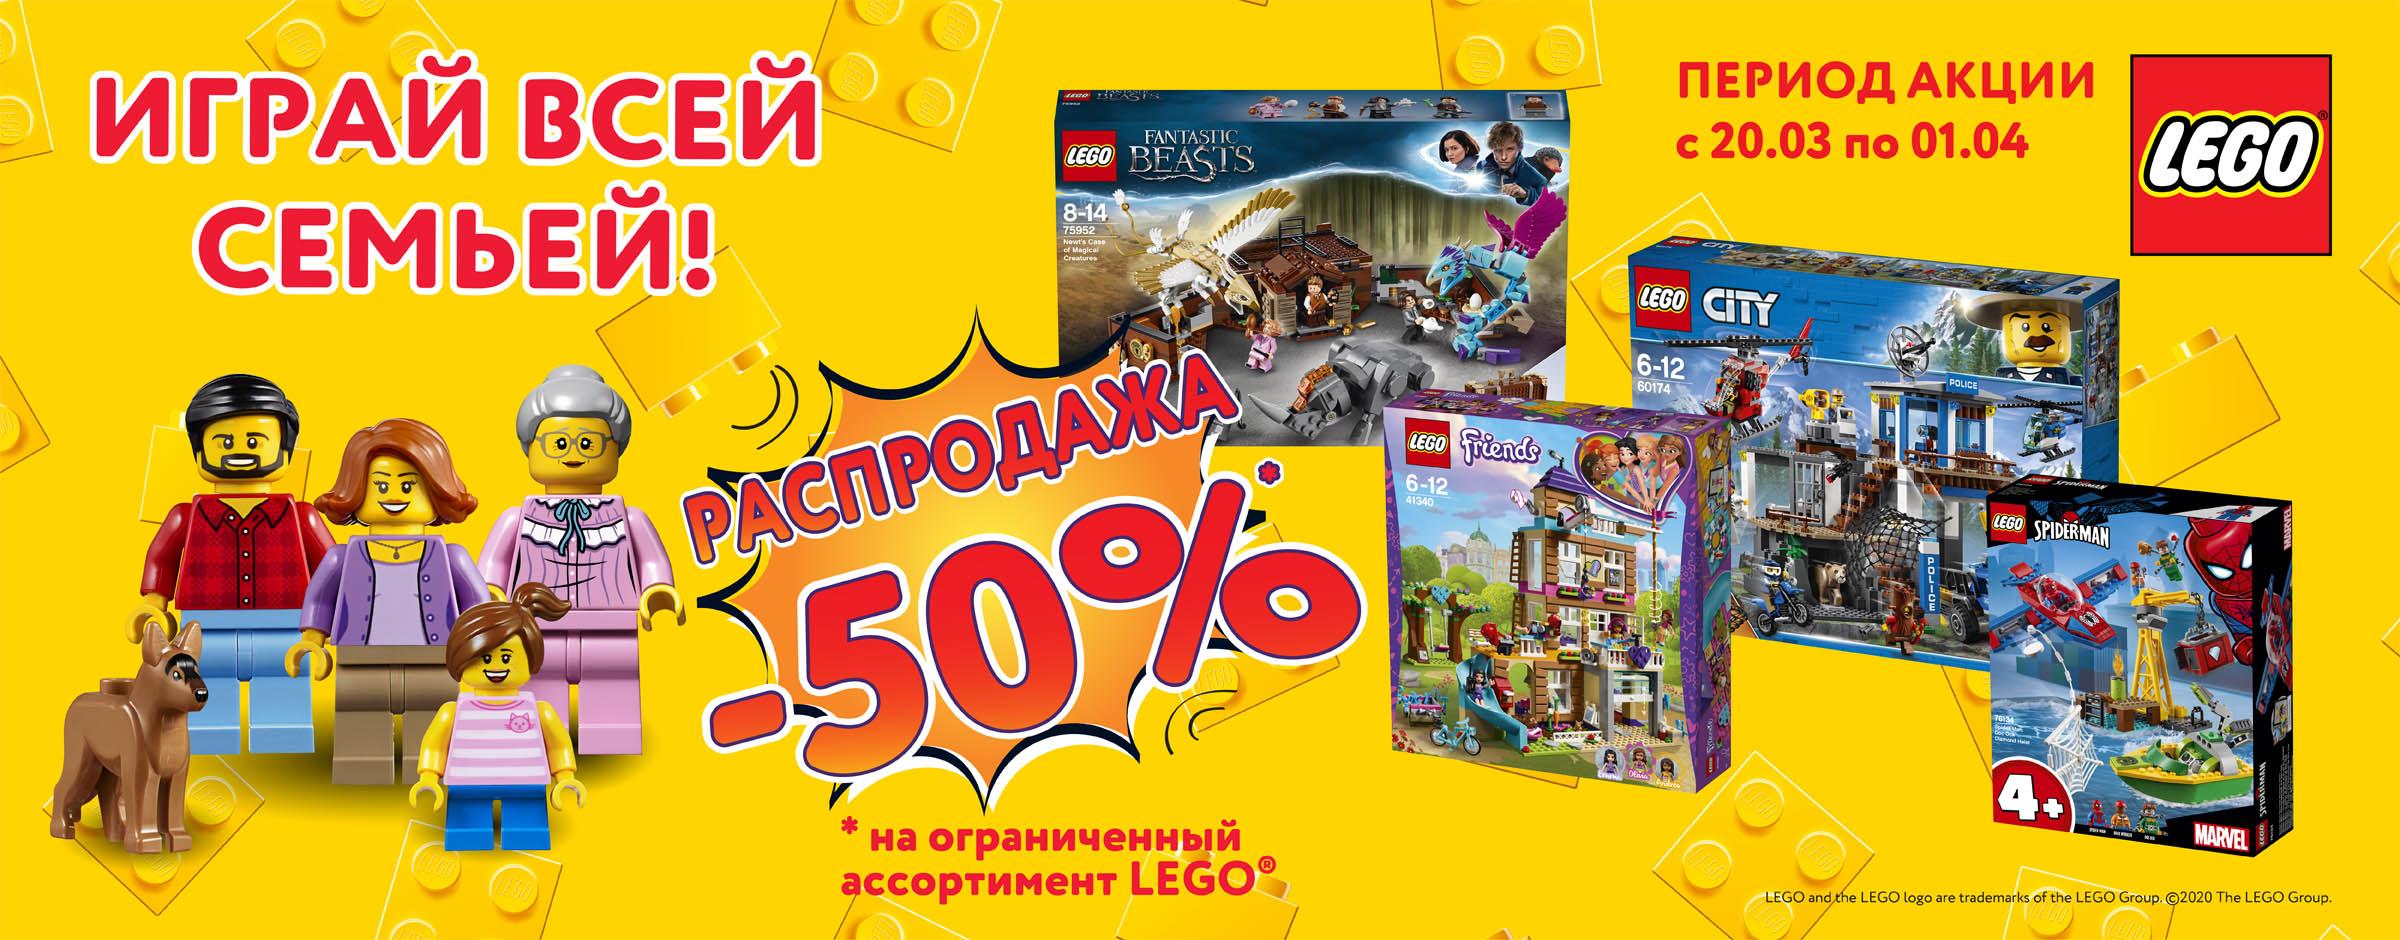 Скидка до 50% на наборы Lego!